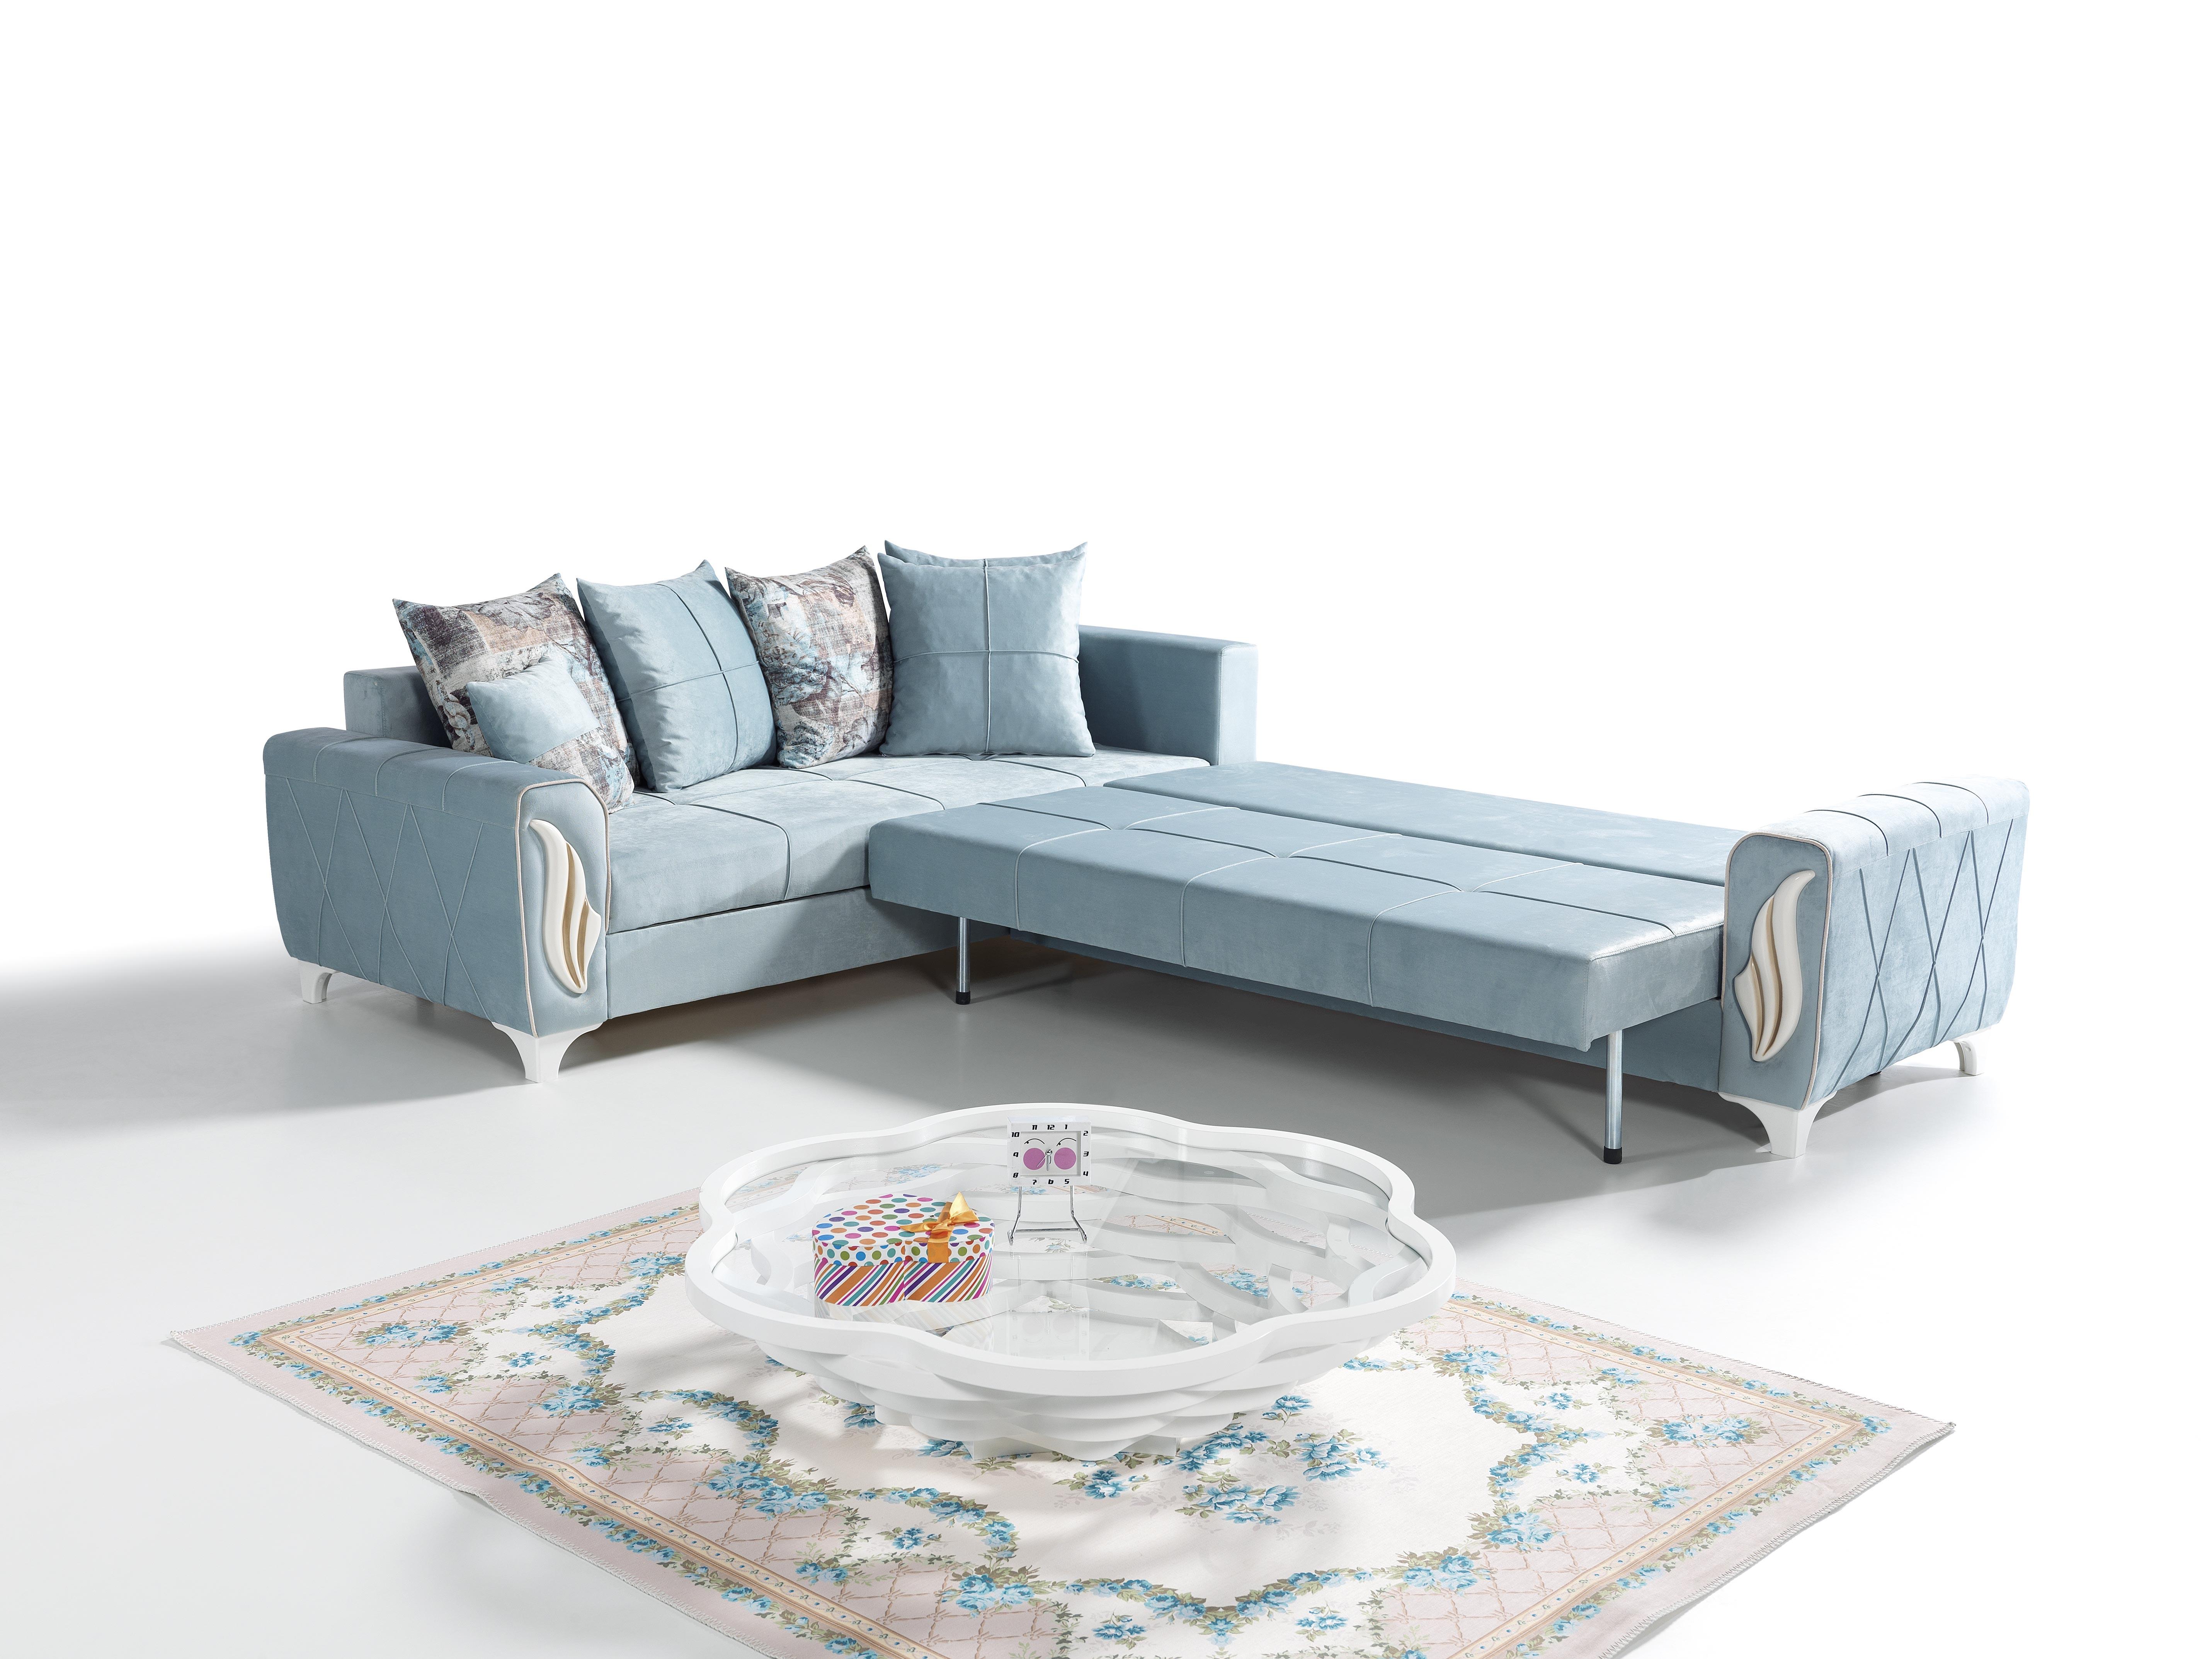 Durchschnittliche Nutzungsdauer Sofa